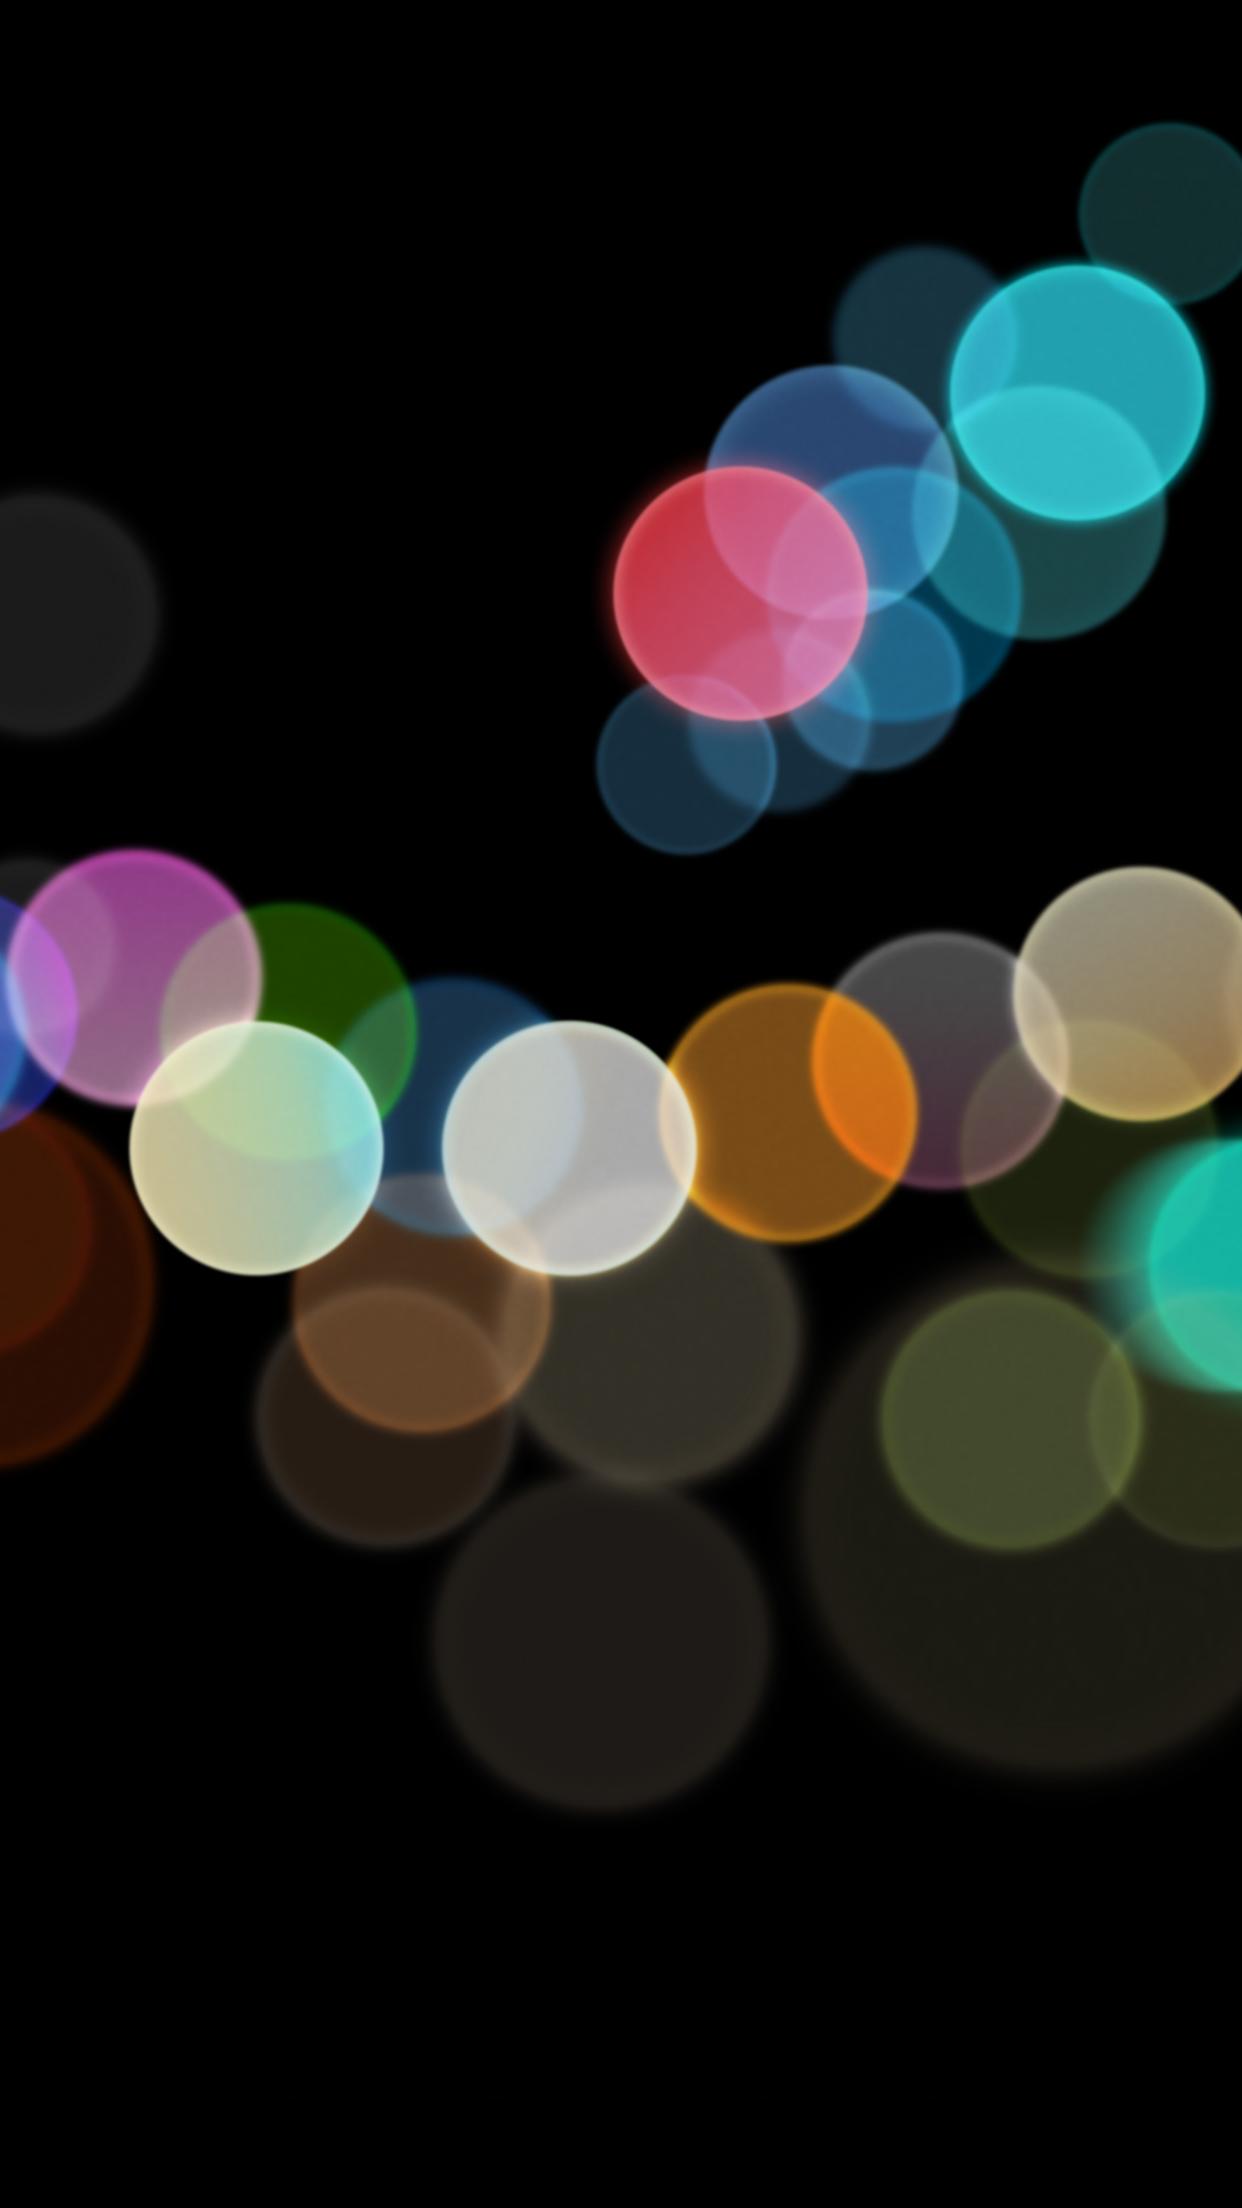 Preferenza Ecco gli sfondi dell'Evento Apple Keynote di iPhone 7 OO42